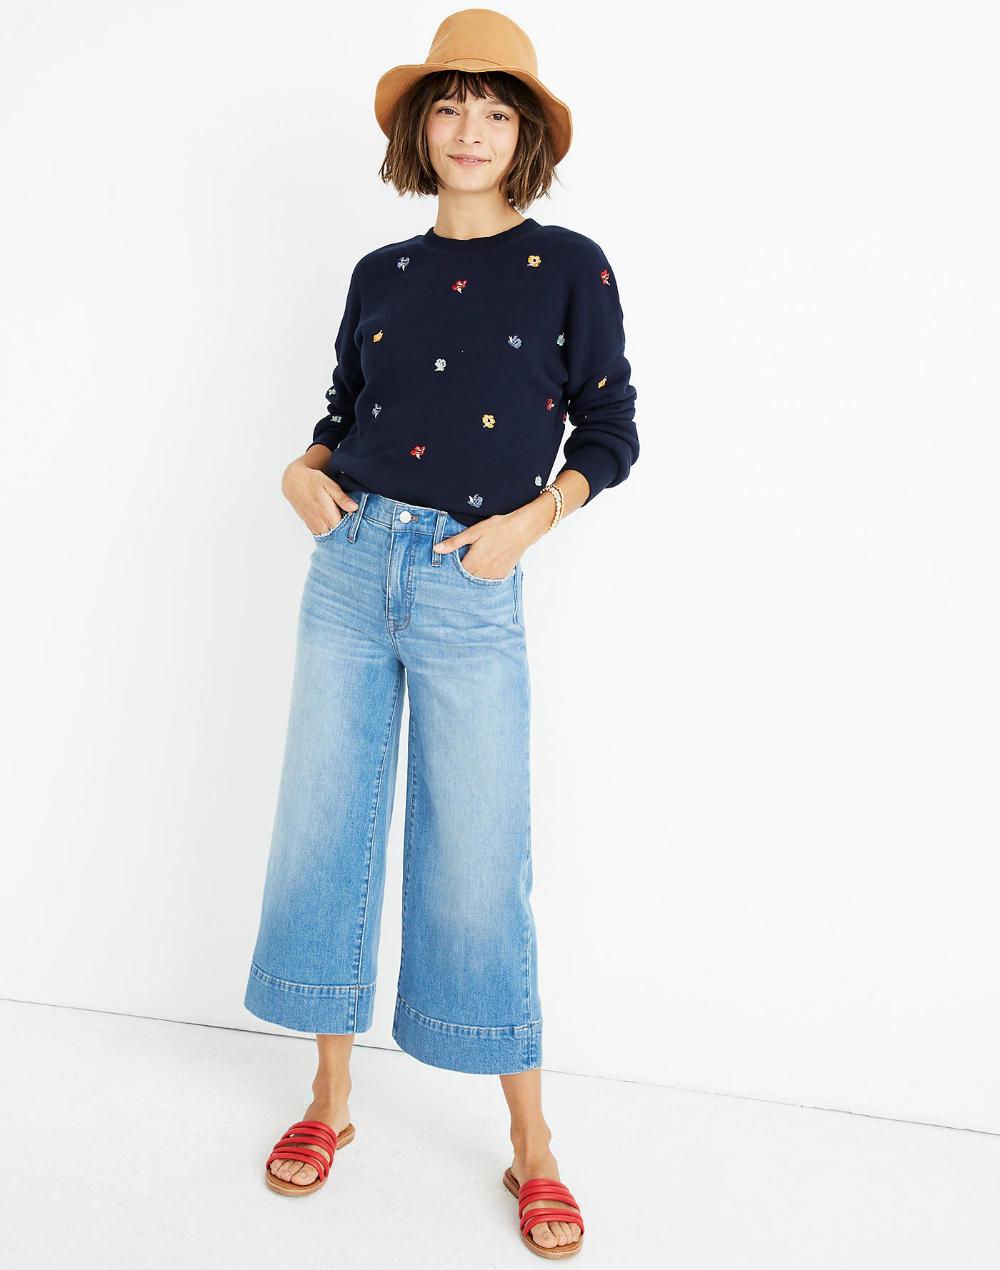 047bdc632 Wide-Leg Crop Jeans in Delancey Wash